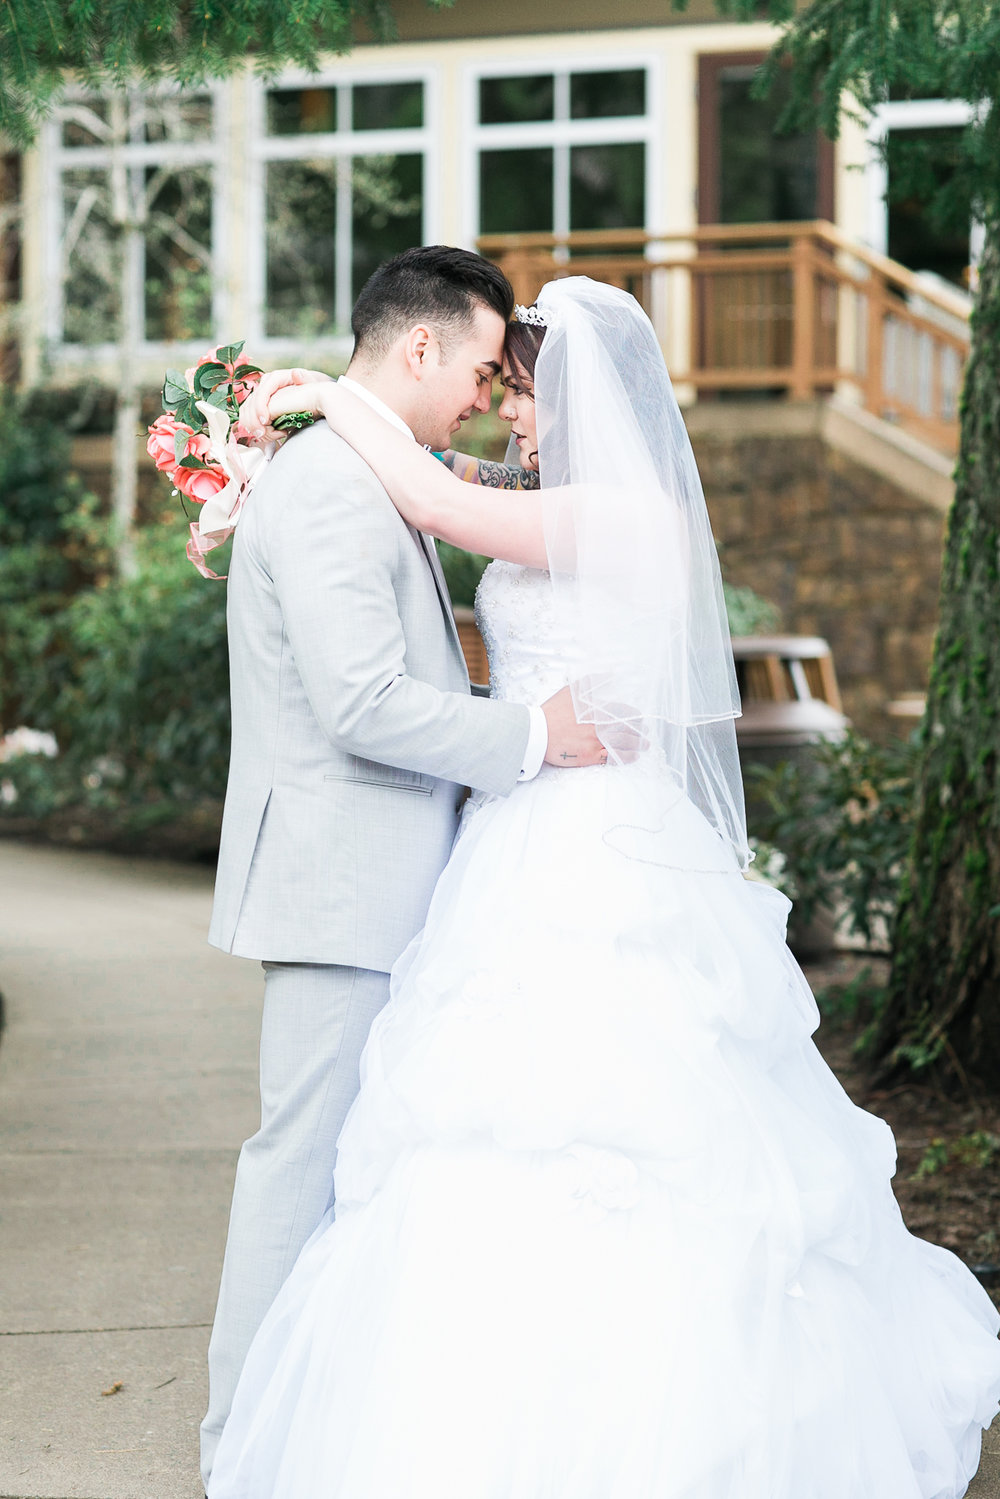 170409_Wedding-385.jpg